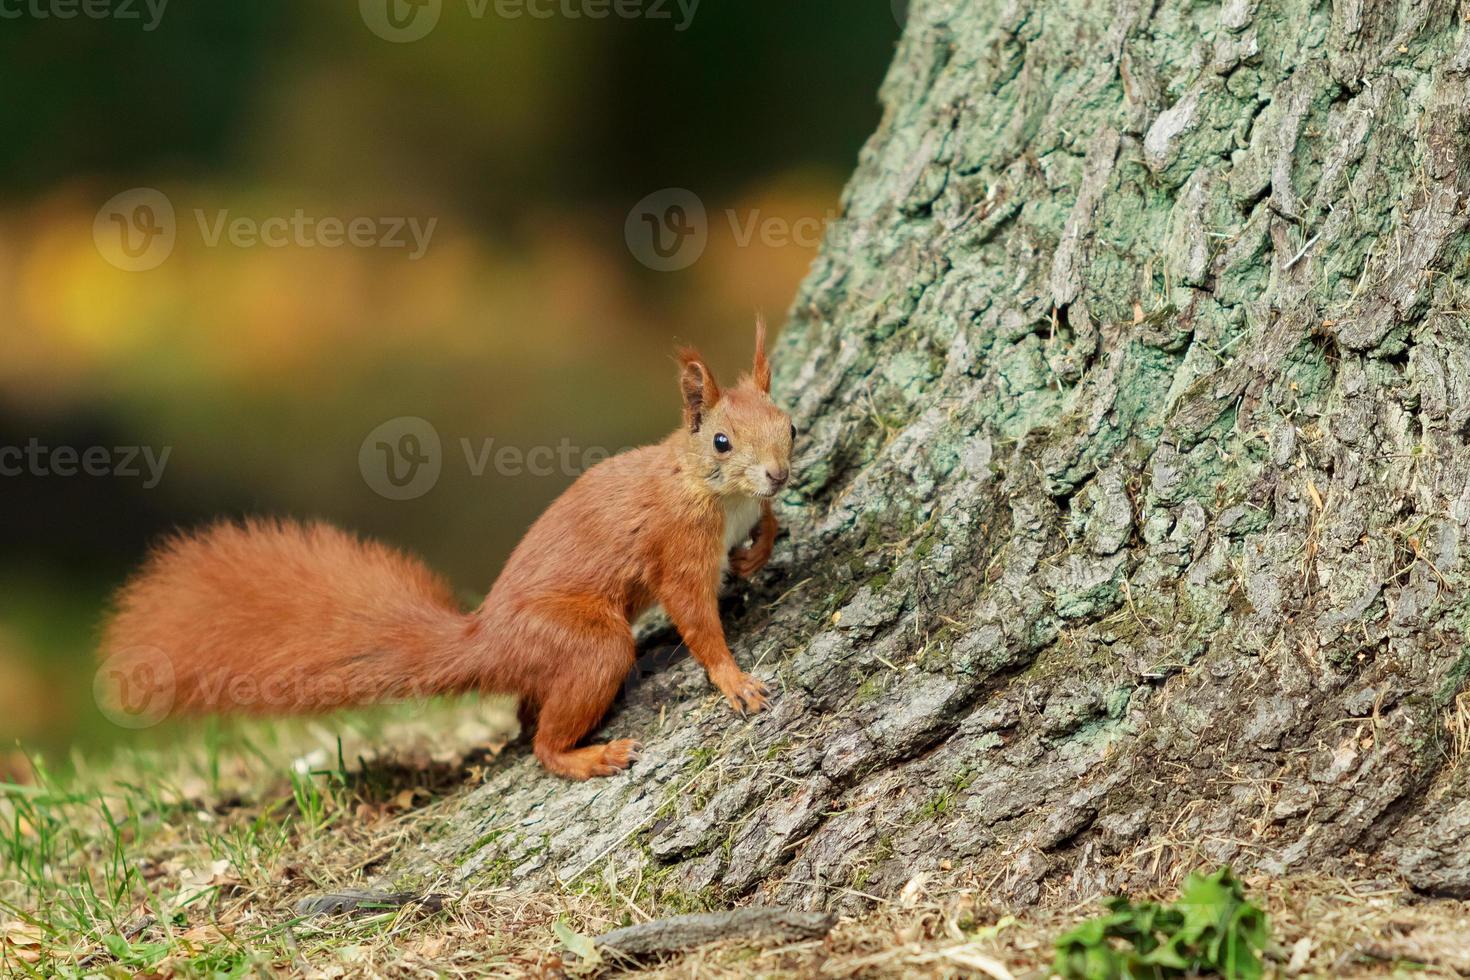 braunes Eichhörnchen am Baum. foto